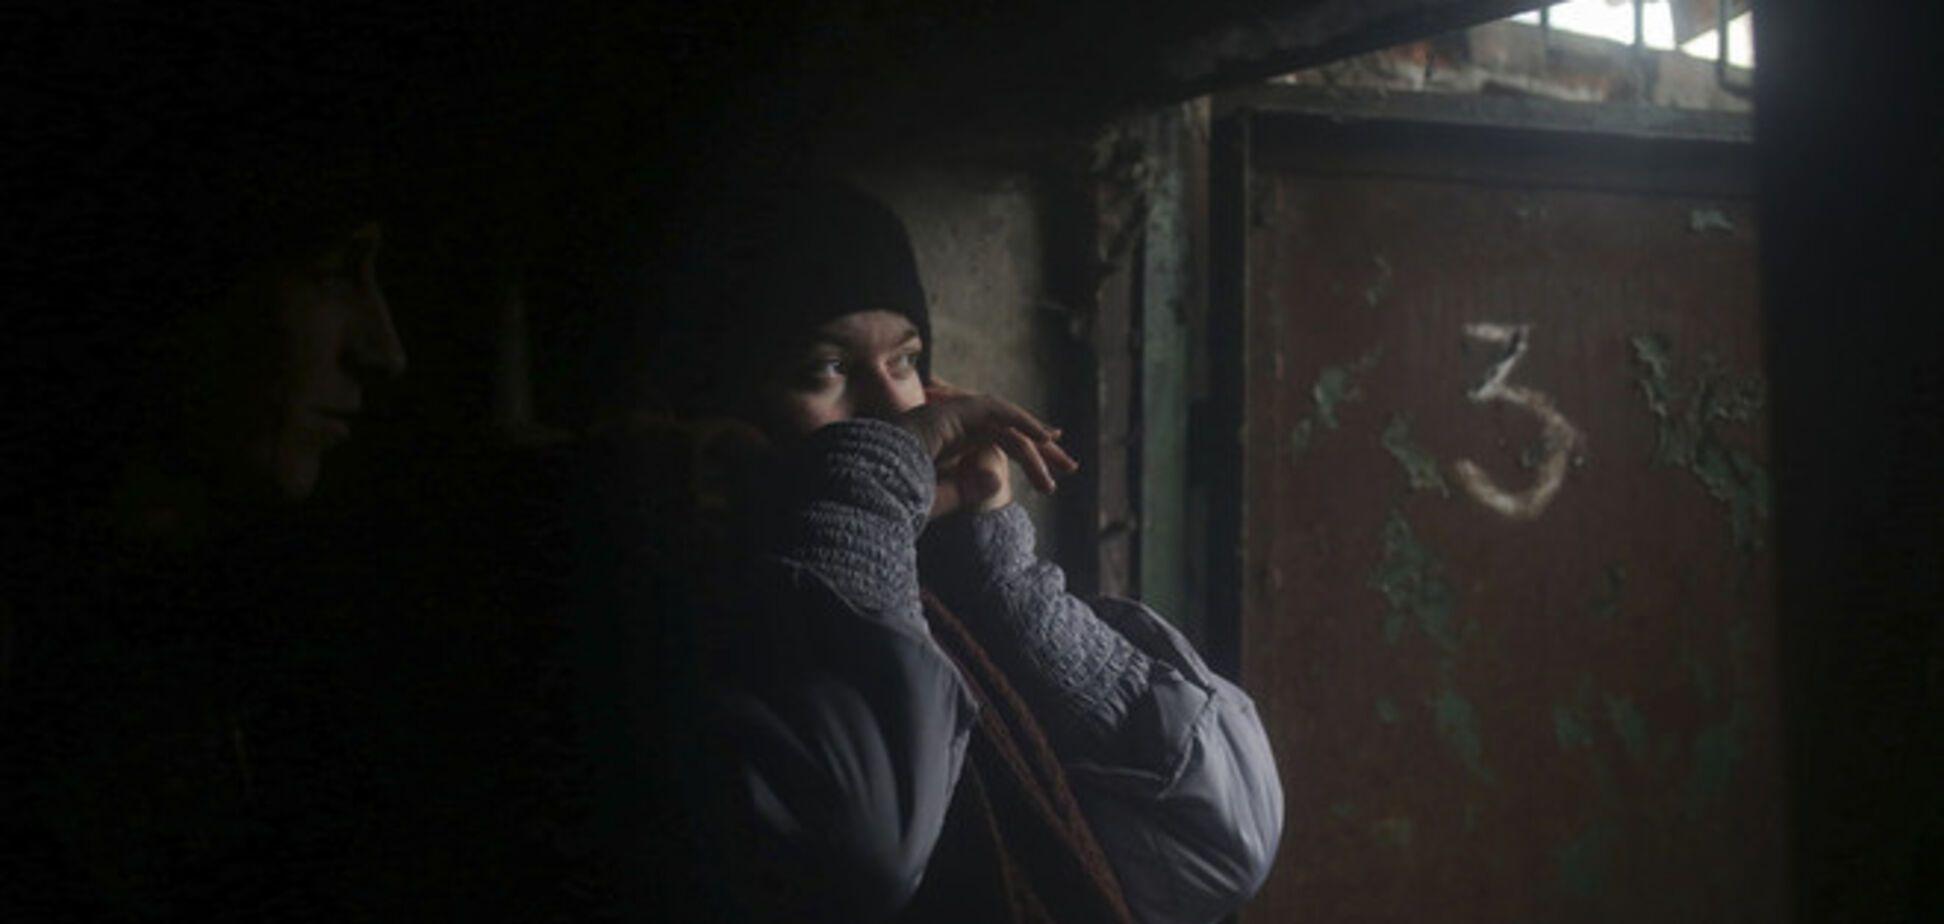 Мирные жители Дебальцево без поддержки военных погибнут - милиция